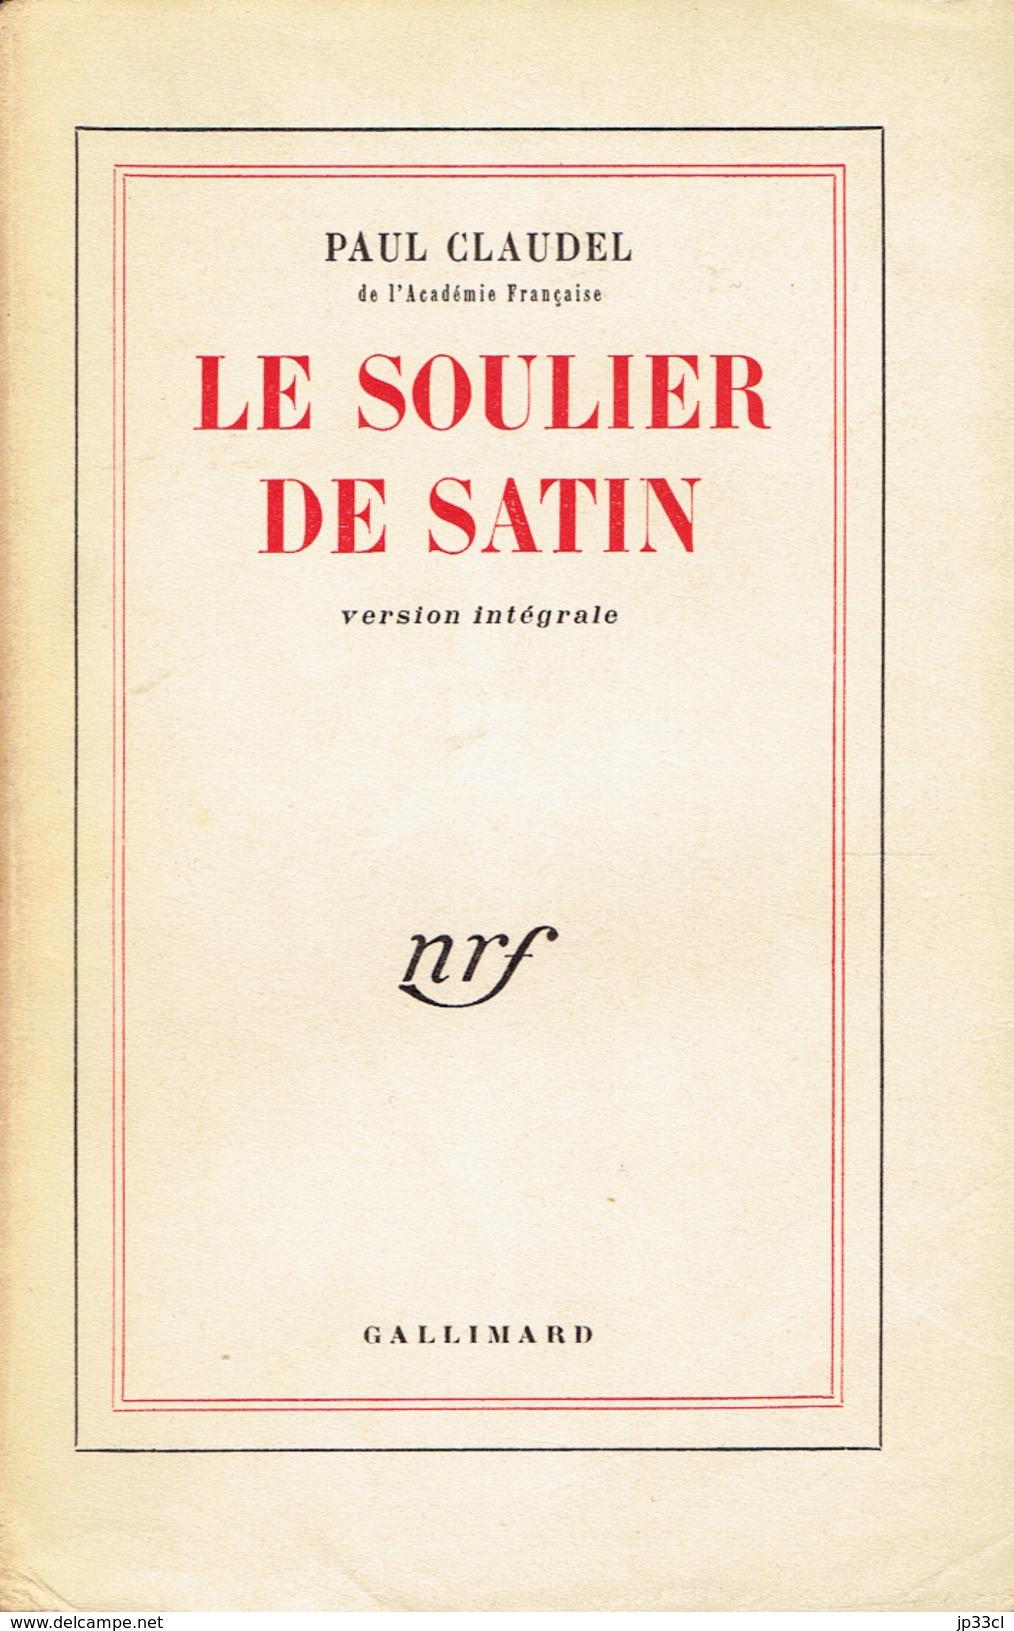 Le Soulier De Satin Par Paul Claudel, Gallimard, Paris, 1956, 444 P. - Theater